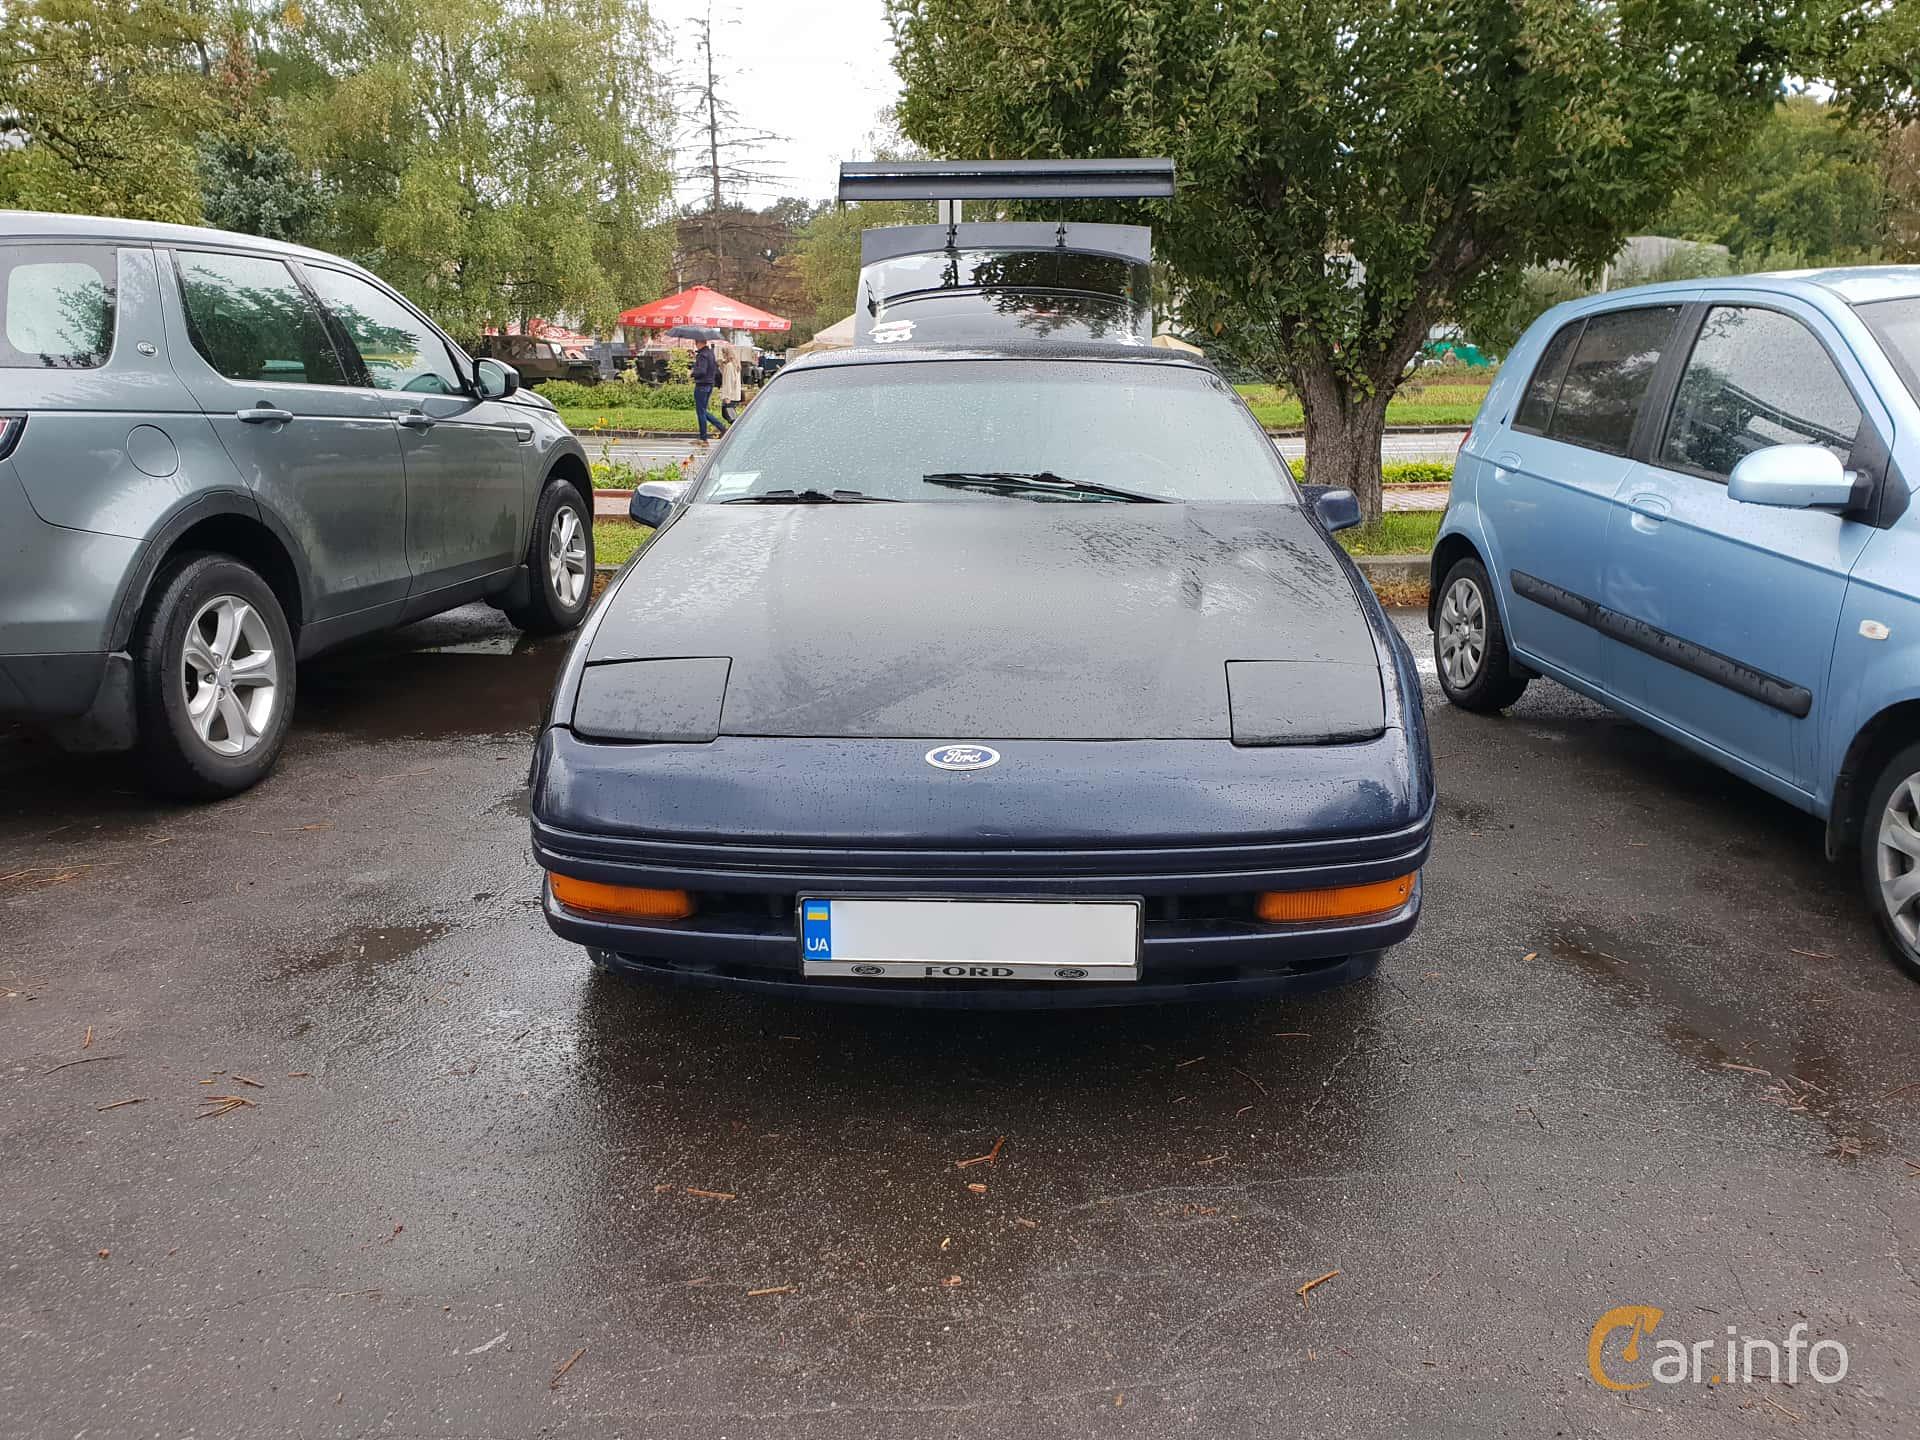 Ford Probe 2.2 Manual, 112hp, 1989 at Old Car Land no.2 2018